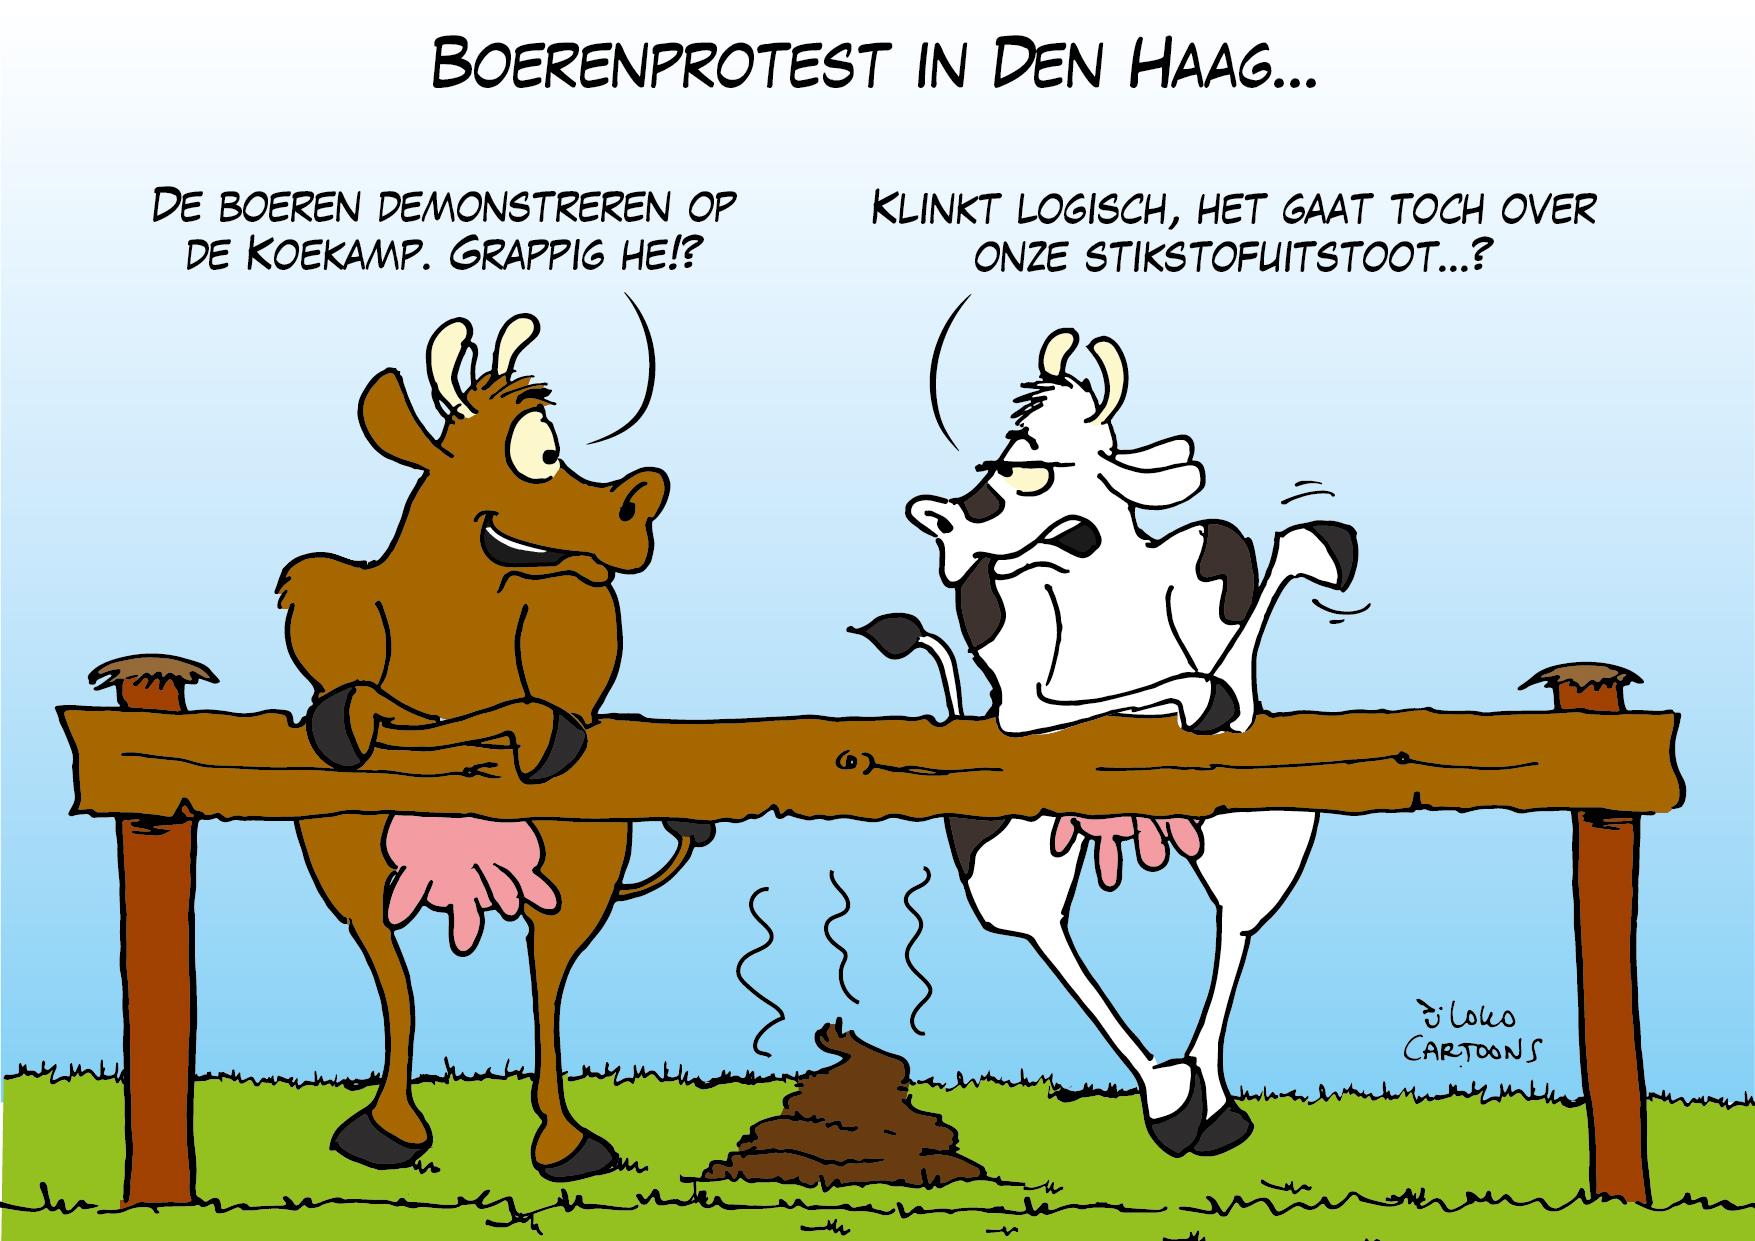 Boerenprotest in de Den Haag…